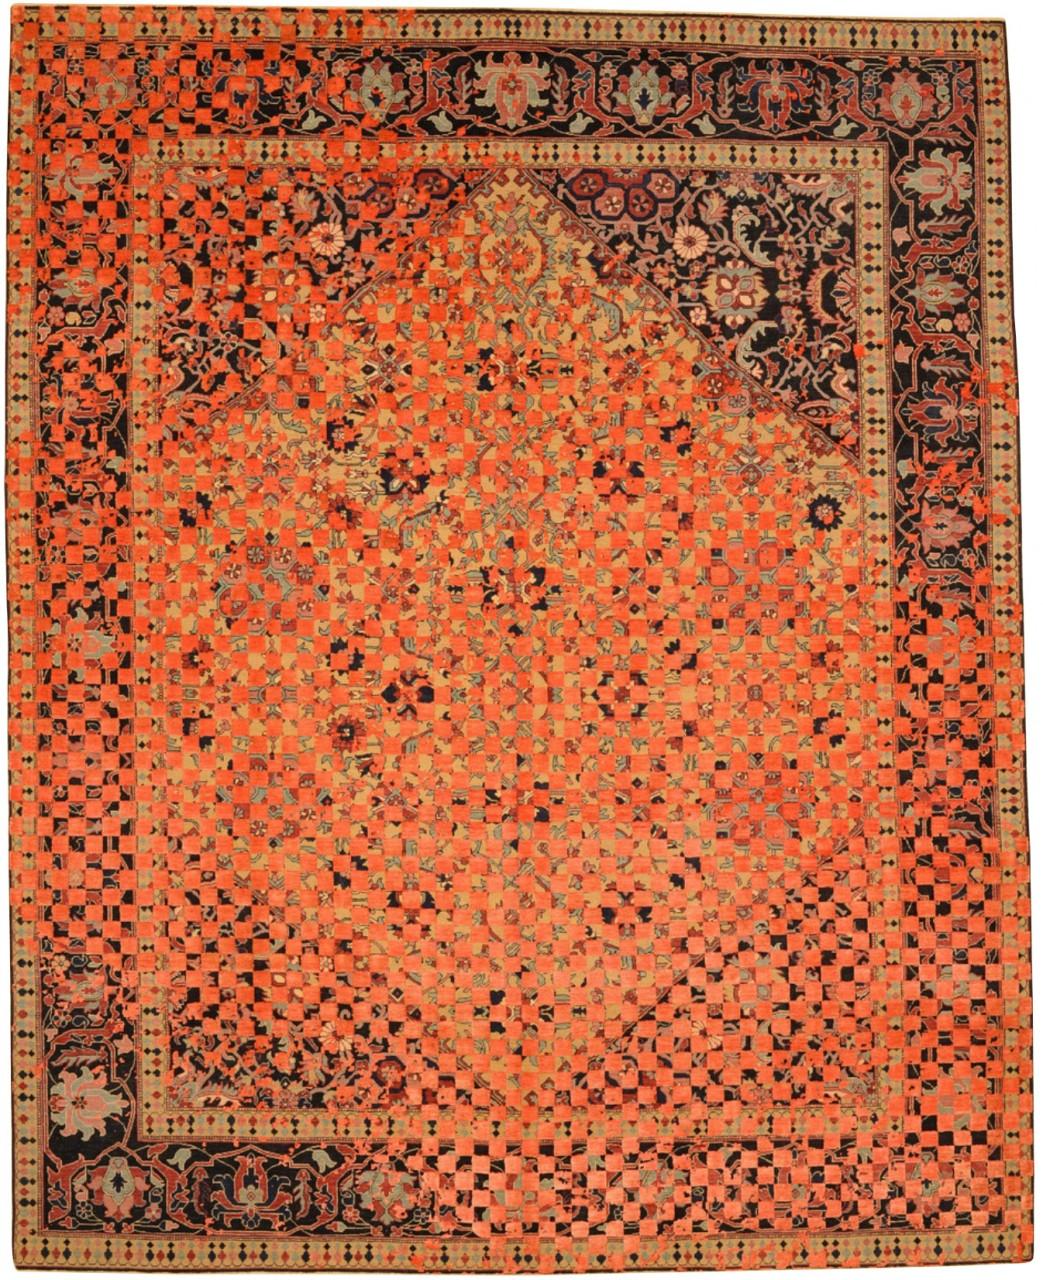 Designer Teppich Jan Kath Serapi Queenbury Checker